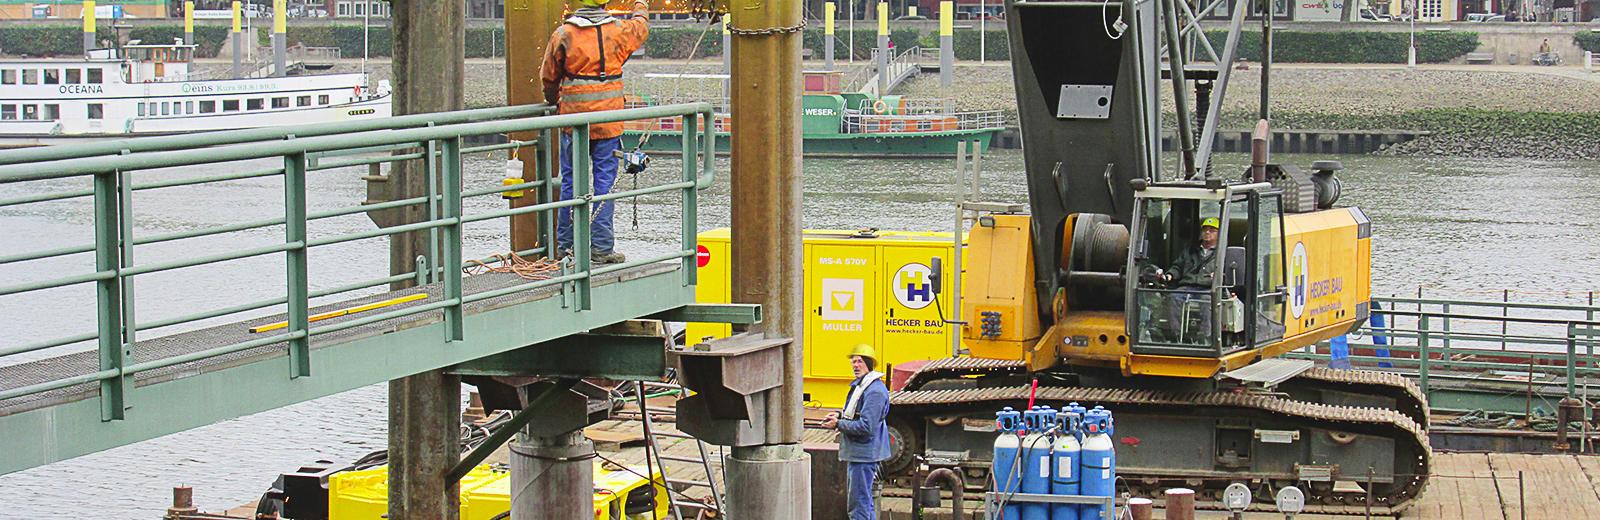 Hecker Bau – Ingenieur- und Wasserbau